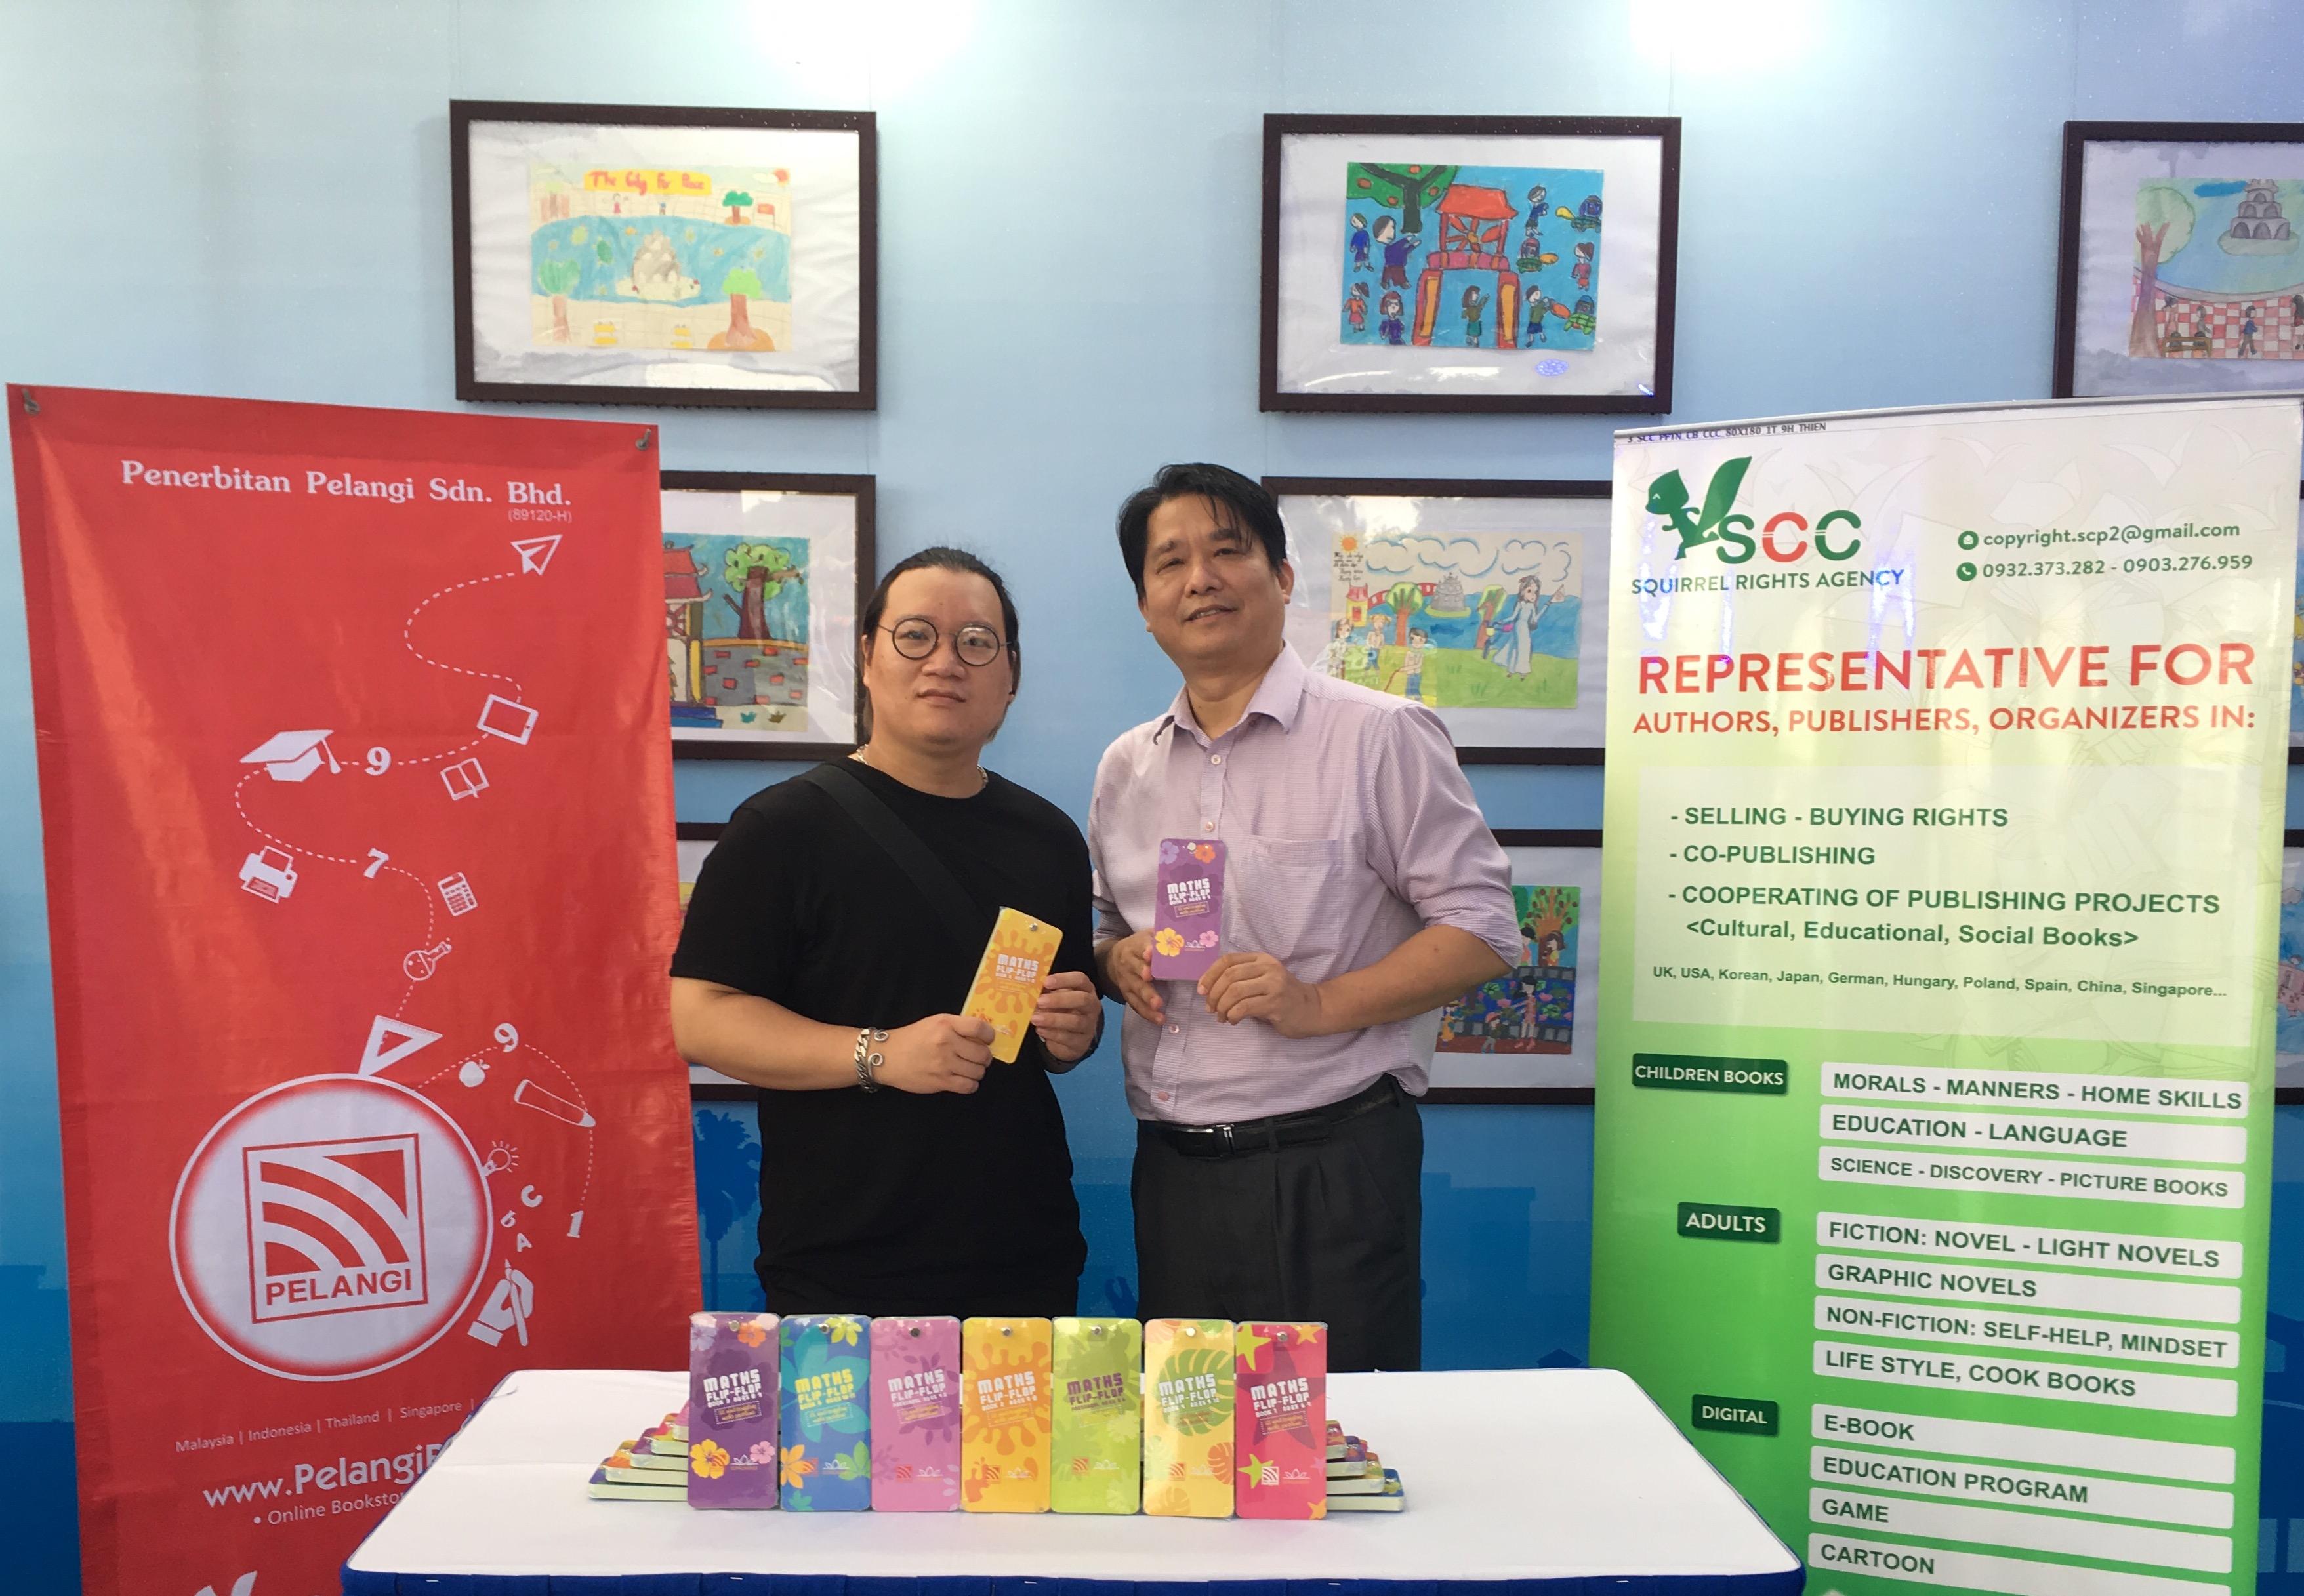 """Ông Đỗ Hoàng Sơn (phải) và họa sĩ Bùi Tuấn Linh bên phiên bản bộ sách """"Em thích giỏi Toán"""" do Malaysia mua bản quyền của Công ty Long Minh tại Hội Sách Hà Nội 2019. Ảnh: NVCC"""